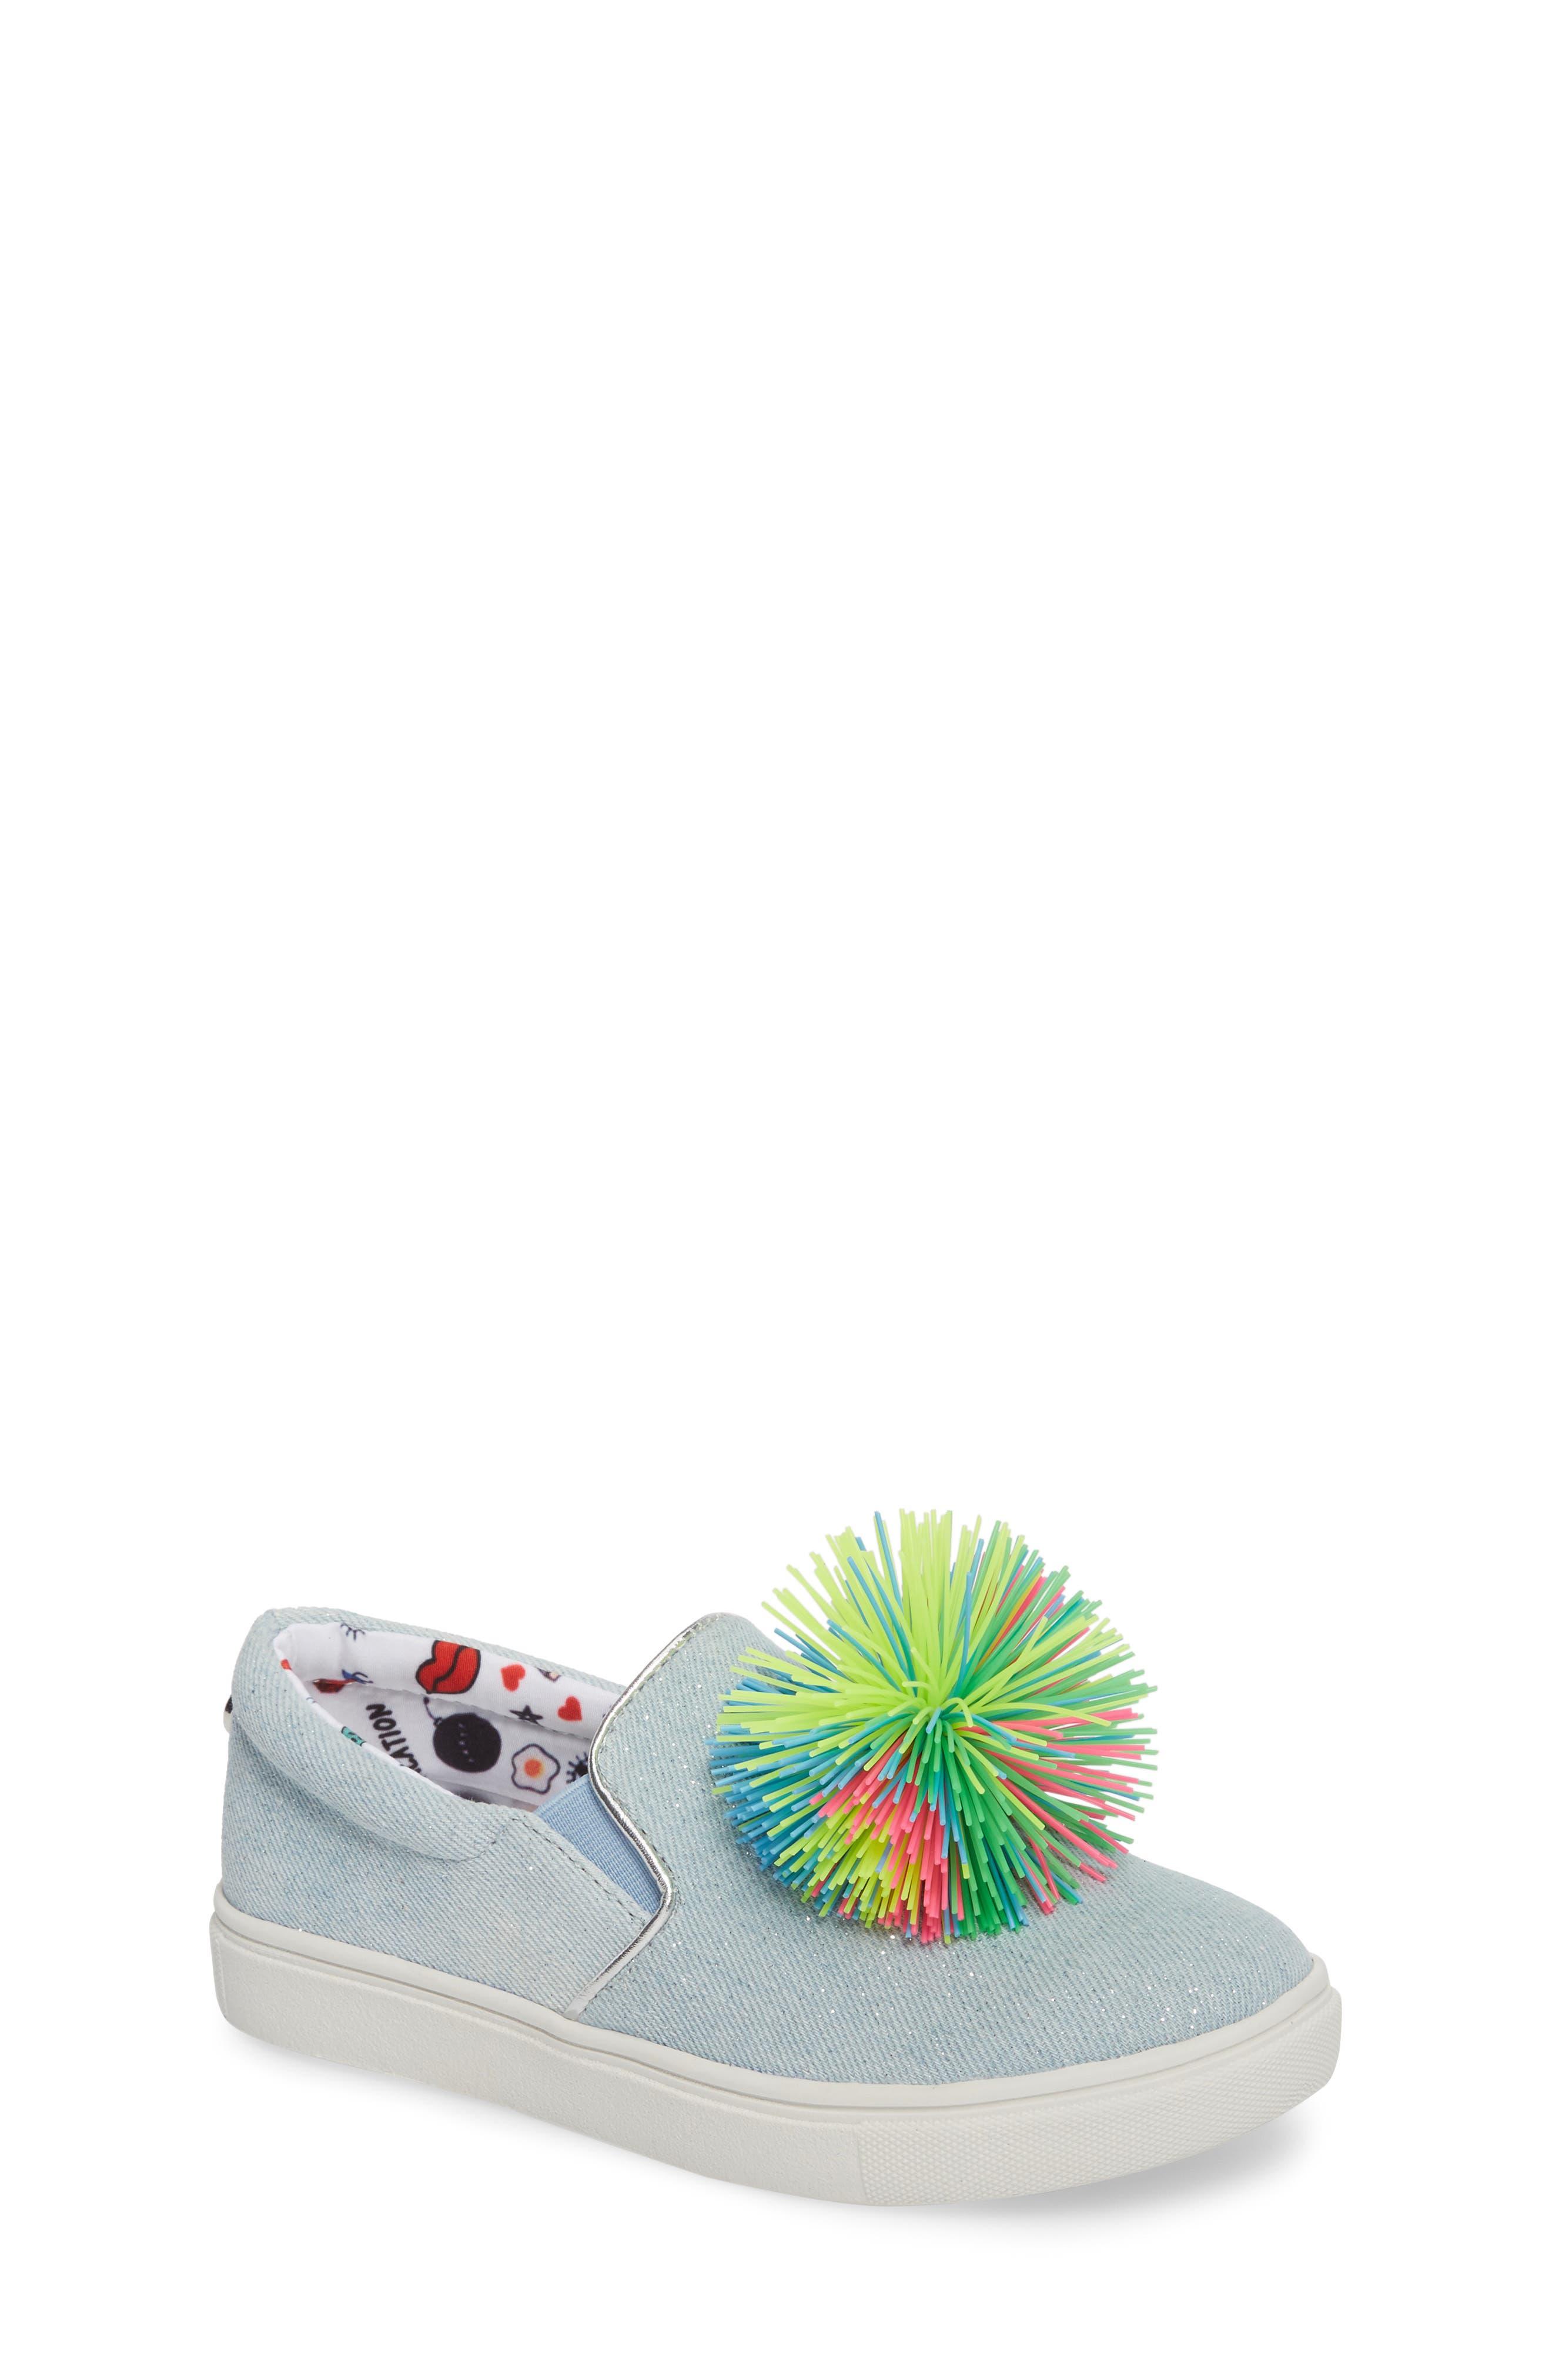 Pompom Slip-On Sneaker,                         Main,                         color, 401